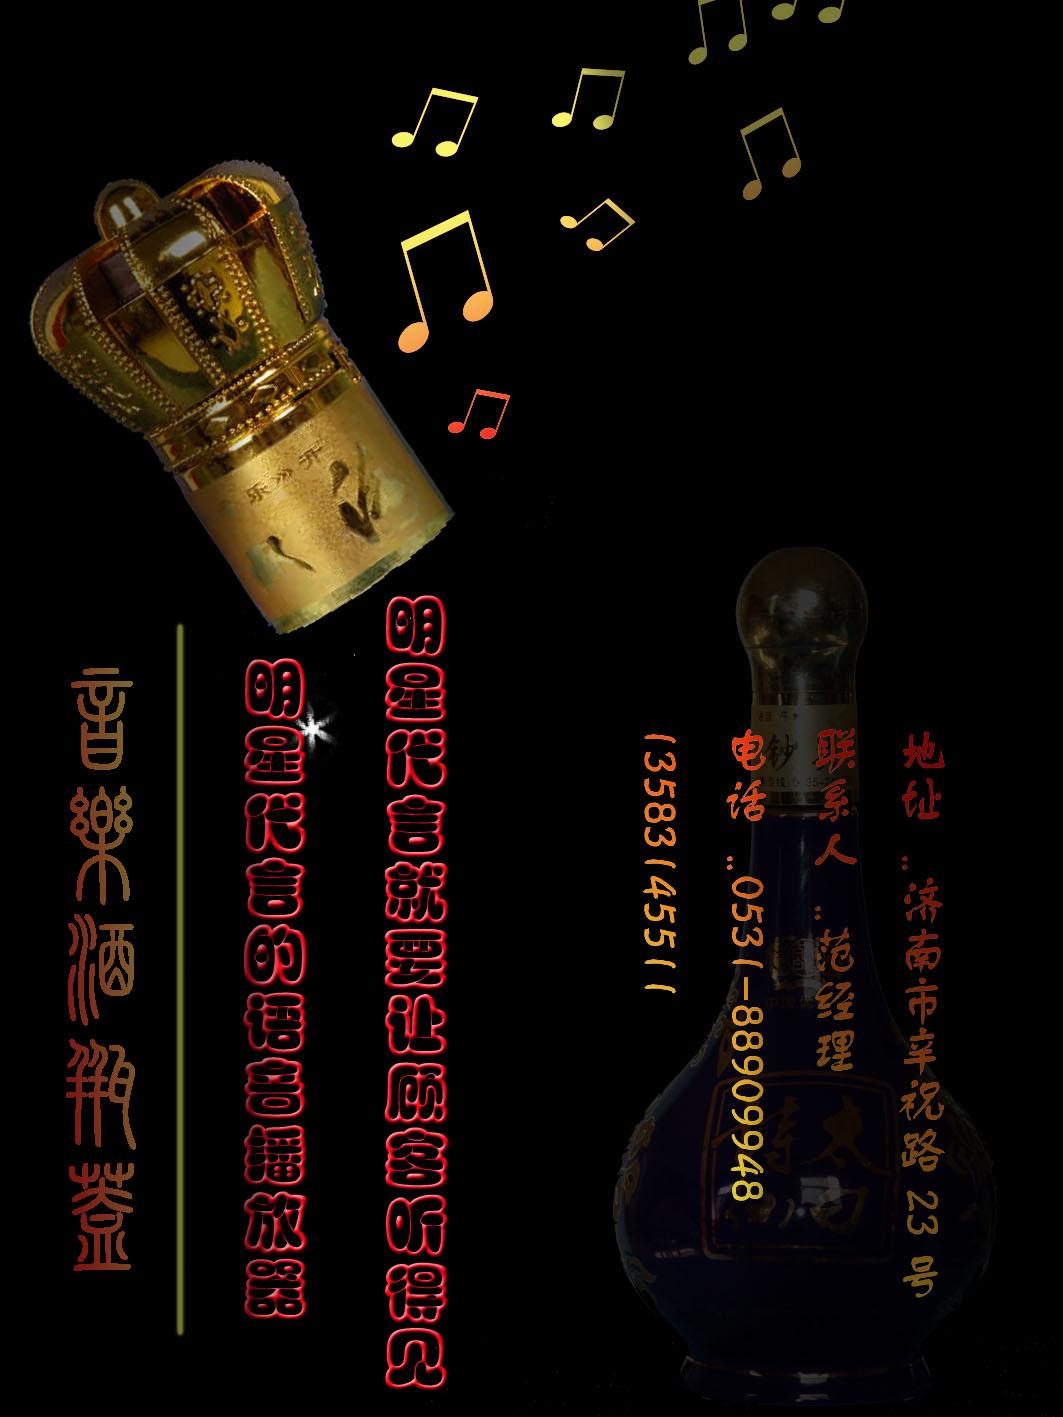 音乐酒瓶盖杂志广告设计